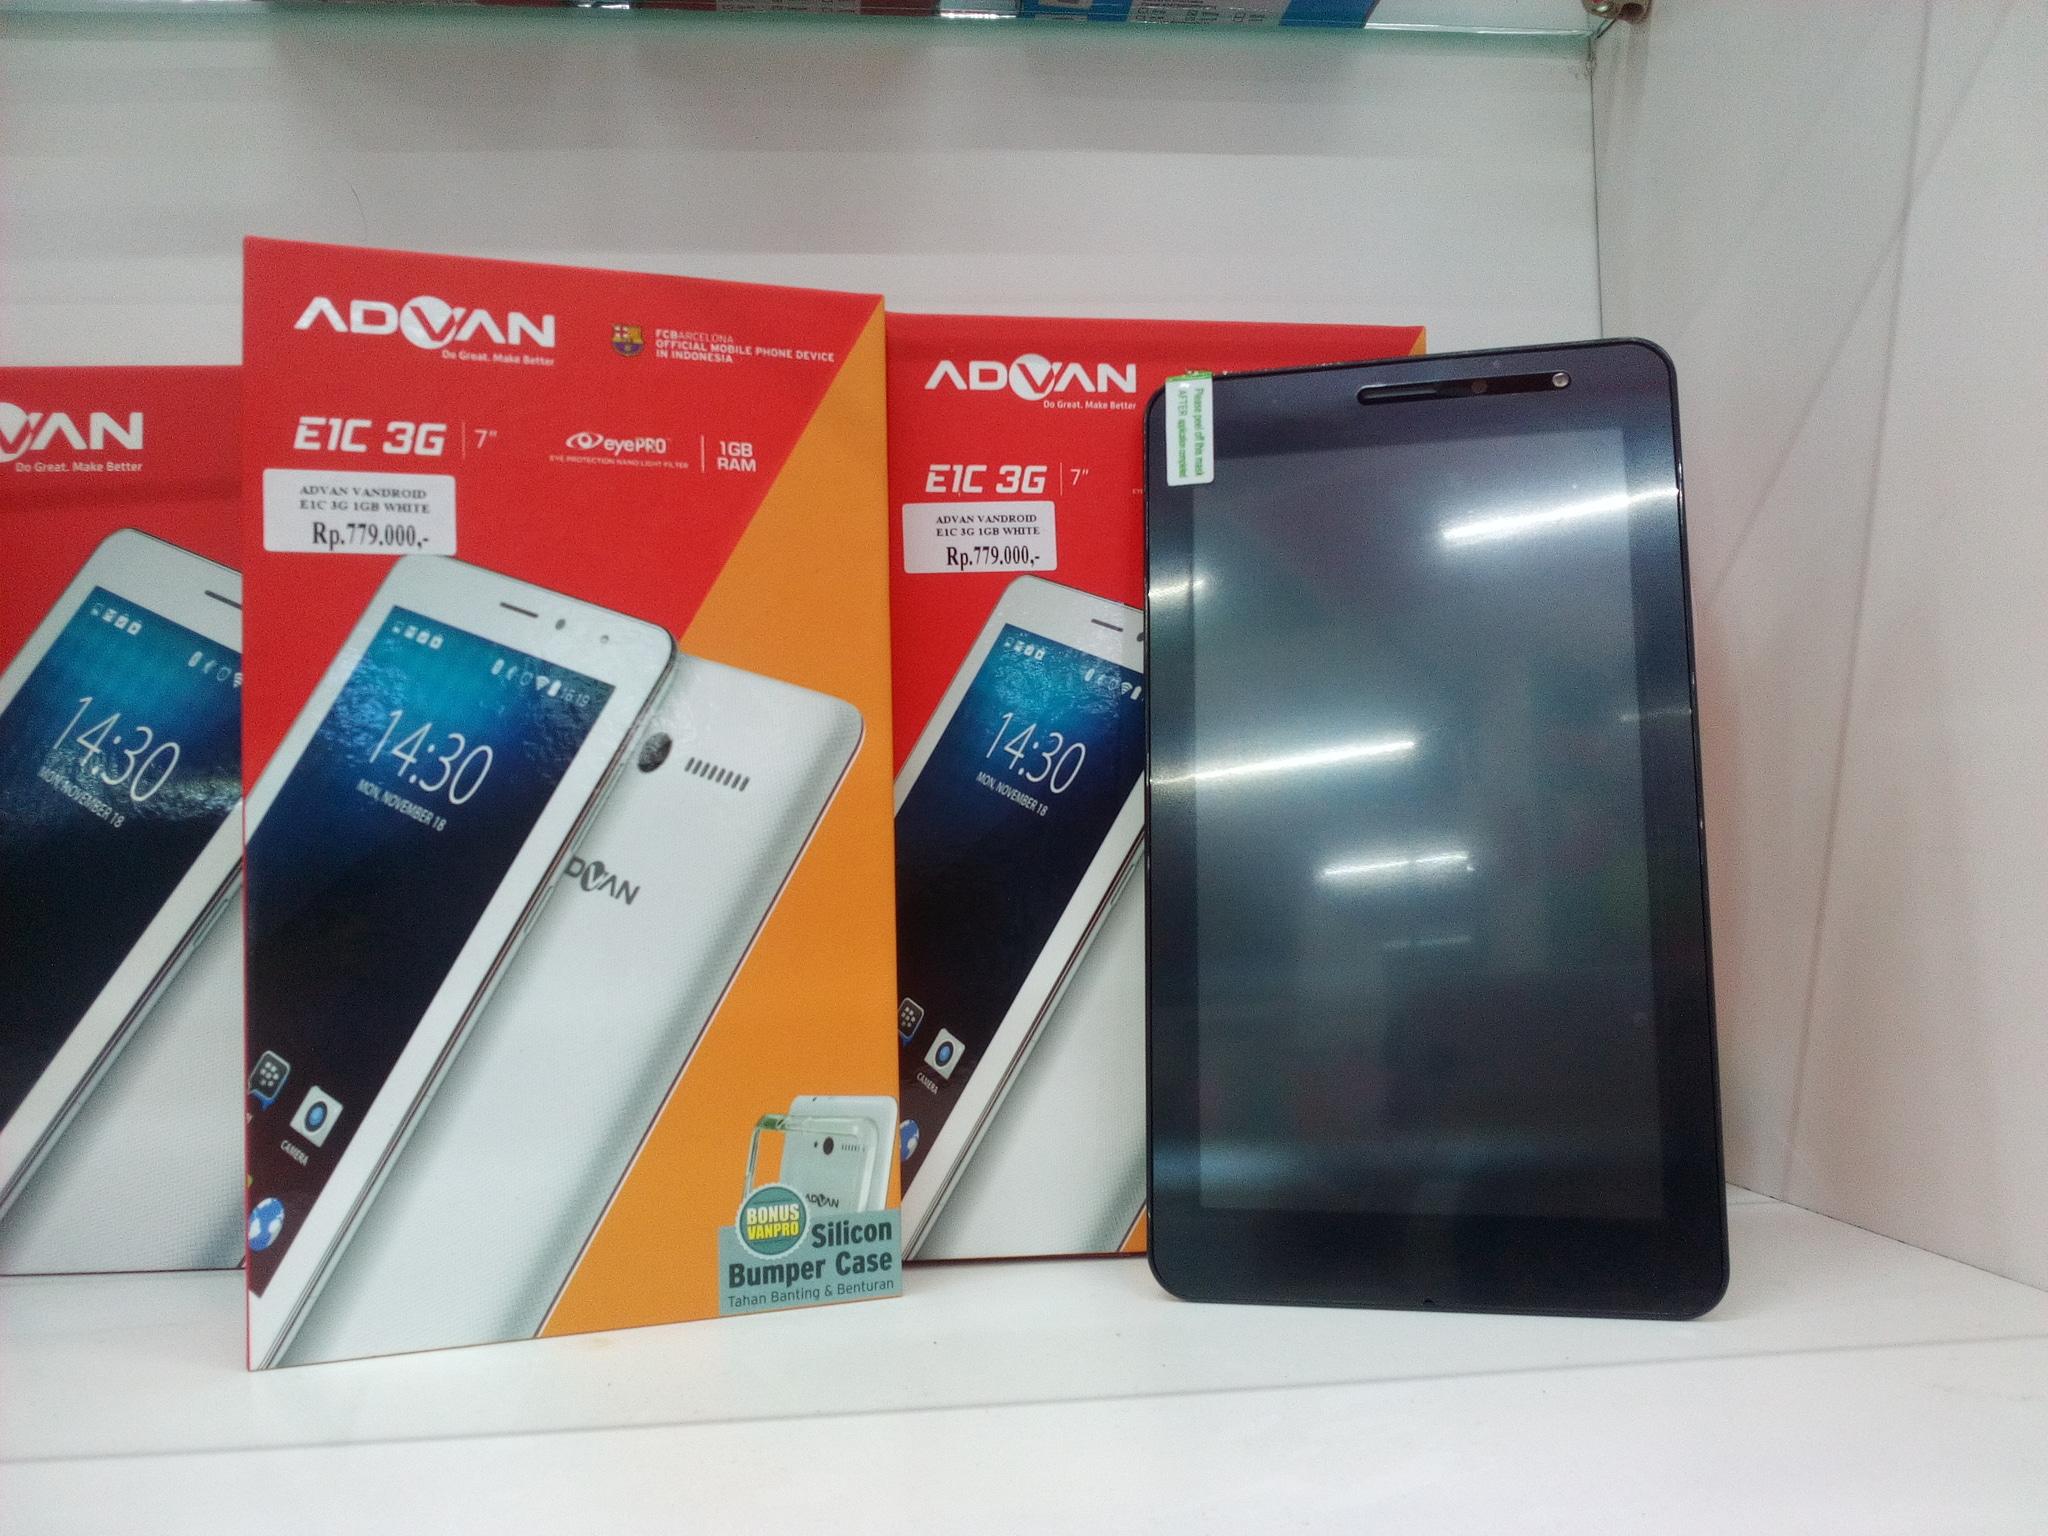 Jual ADVAN E1C PRO 3G 1GB